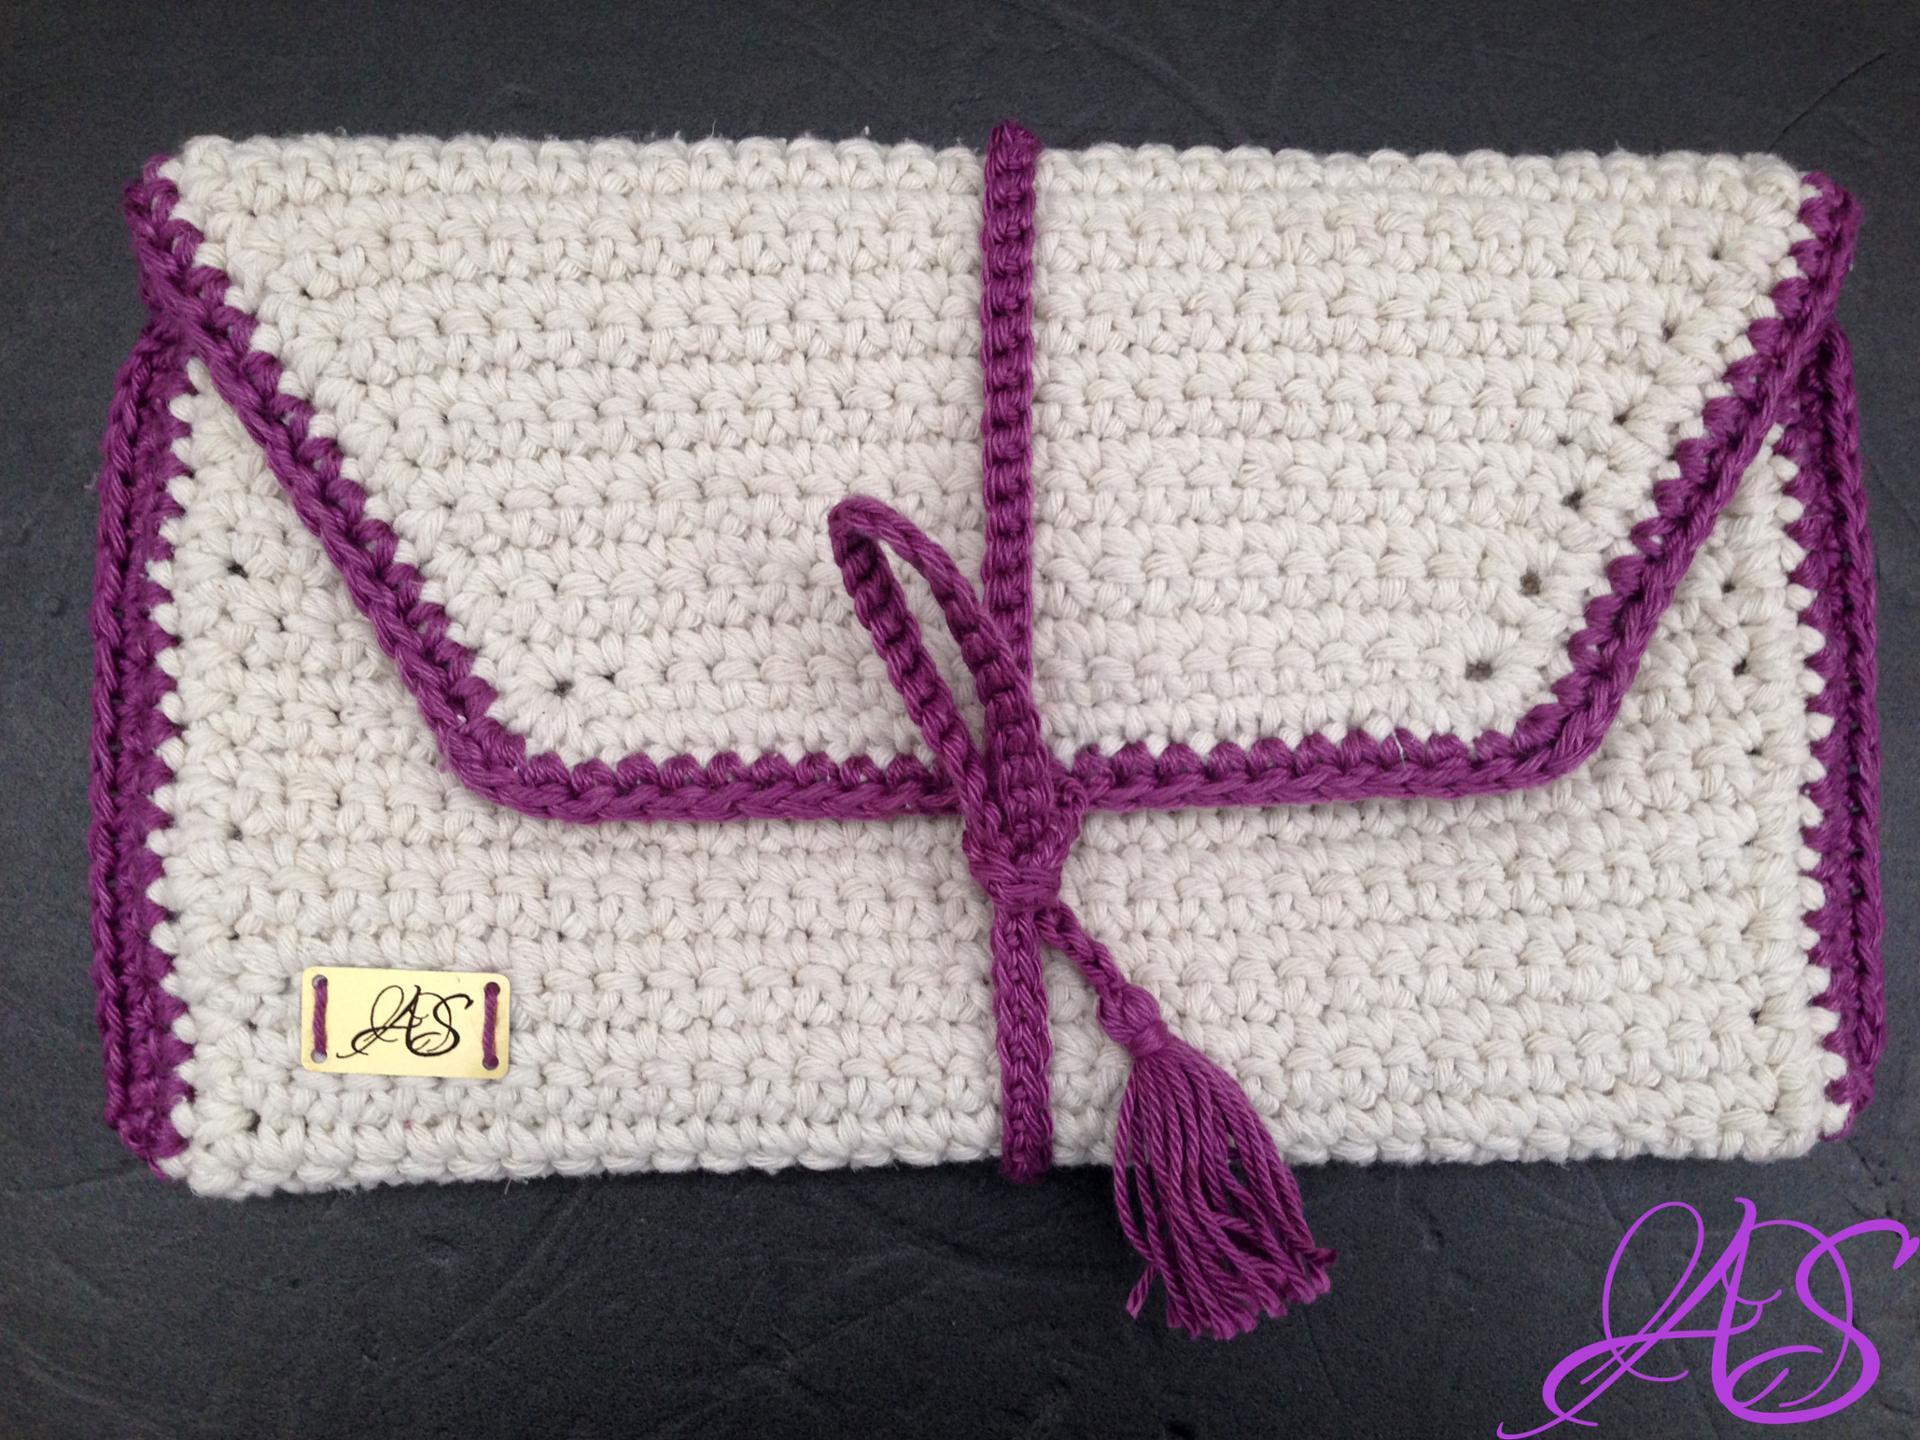 tasseled crochet pencil case pattern